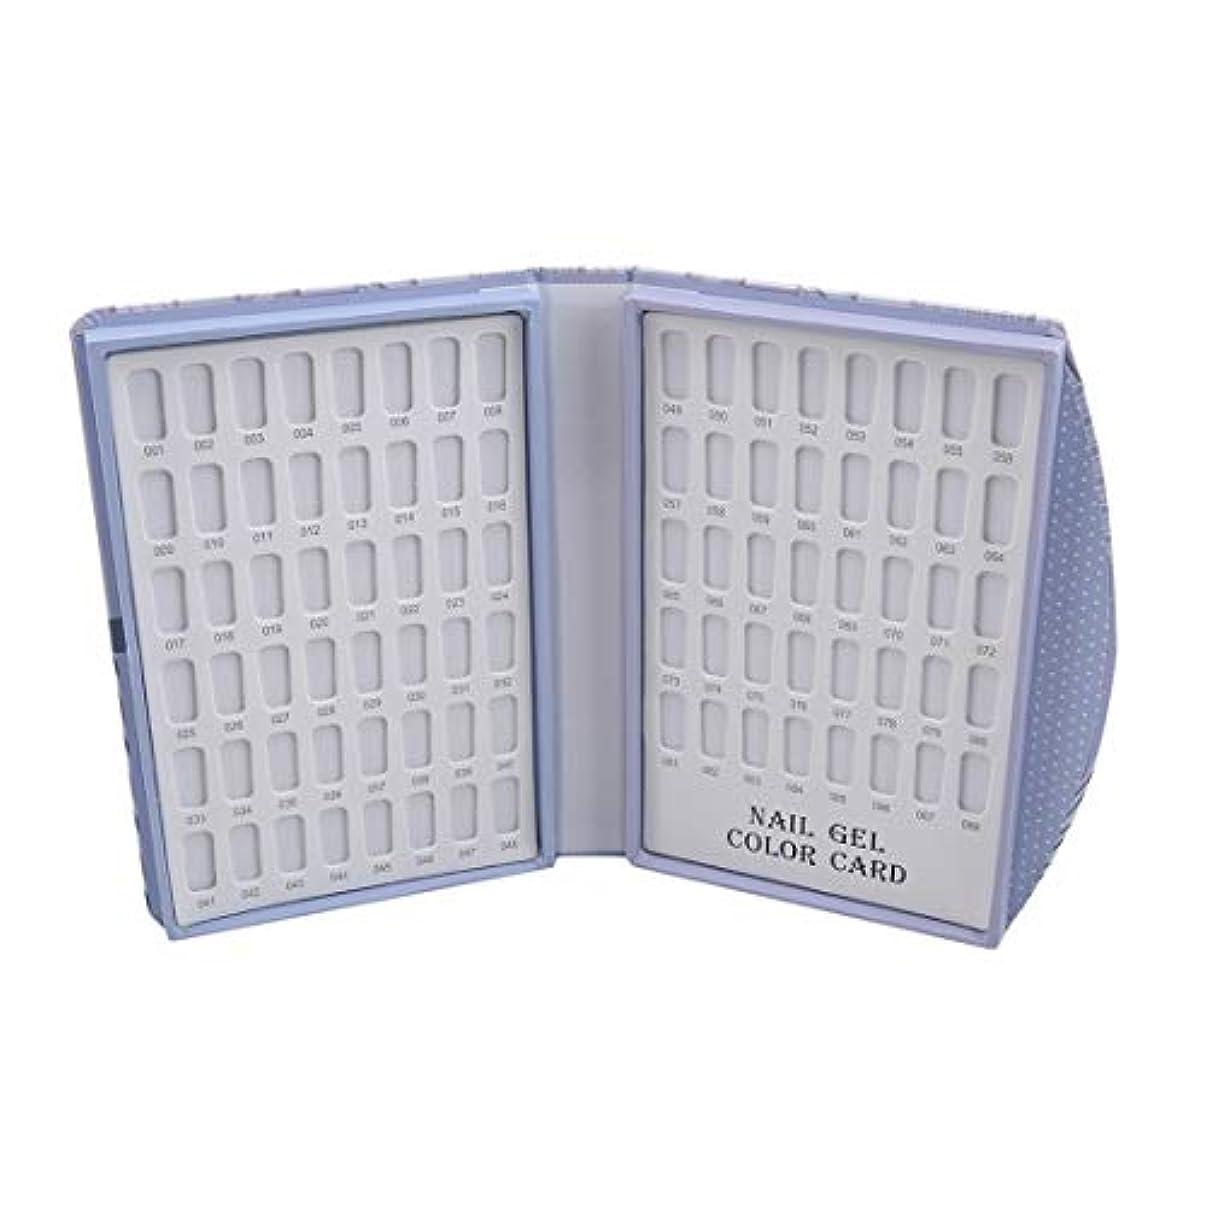 強要引くバージンKLUMA カラーチャートブック ネイルマニキュアカラー色見本 120色 88色 サンプル帳 色見本帳 折り畳み式 見本ボード 展示板 6# 長さ*幅*厚さ21.5*16*3cm